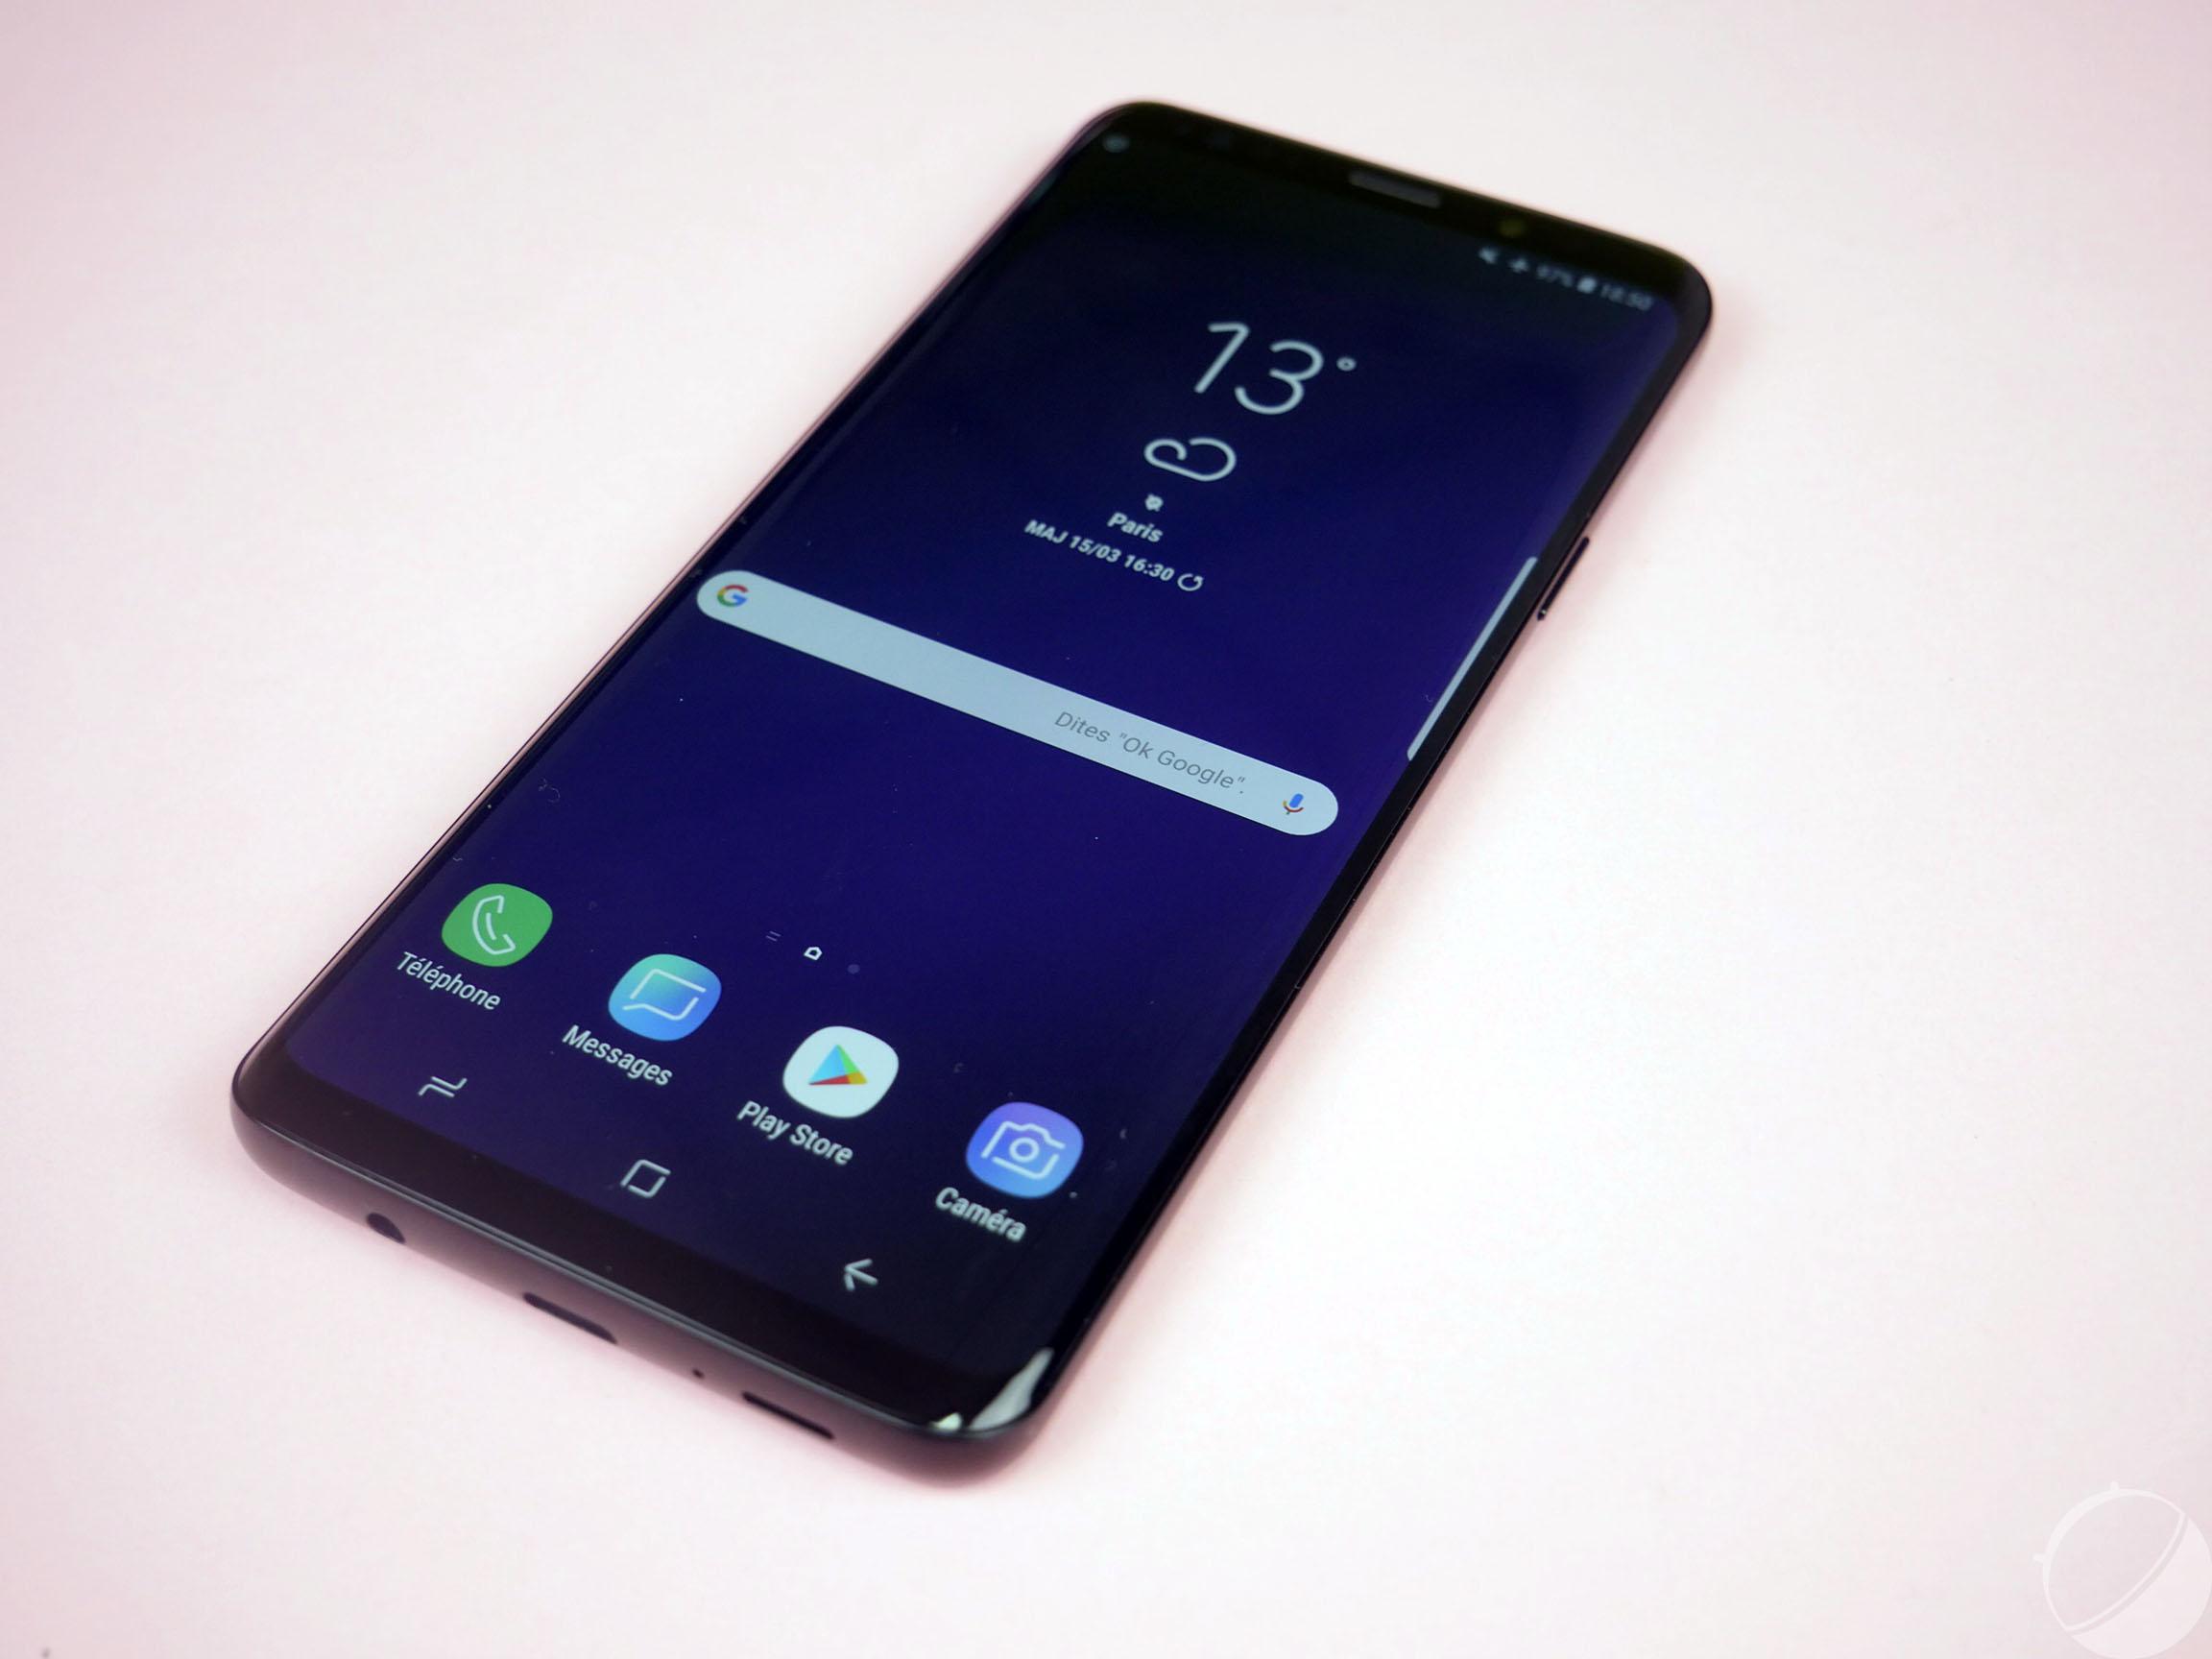 Samsung fait machine arrière dans la personnalisation de Samsung Messages, à la demande des utilisateurs